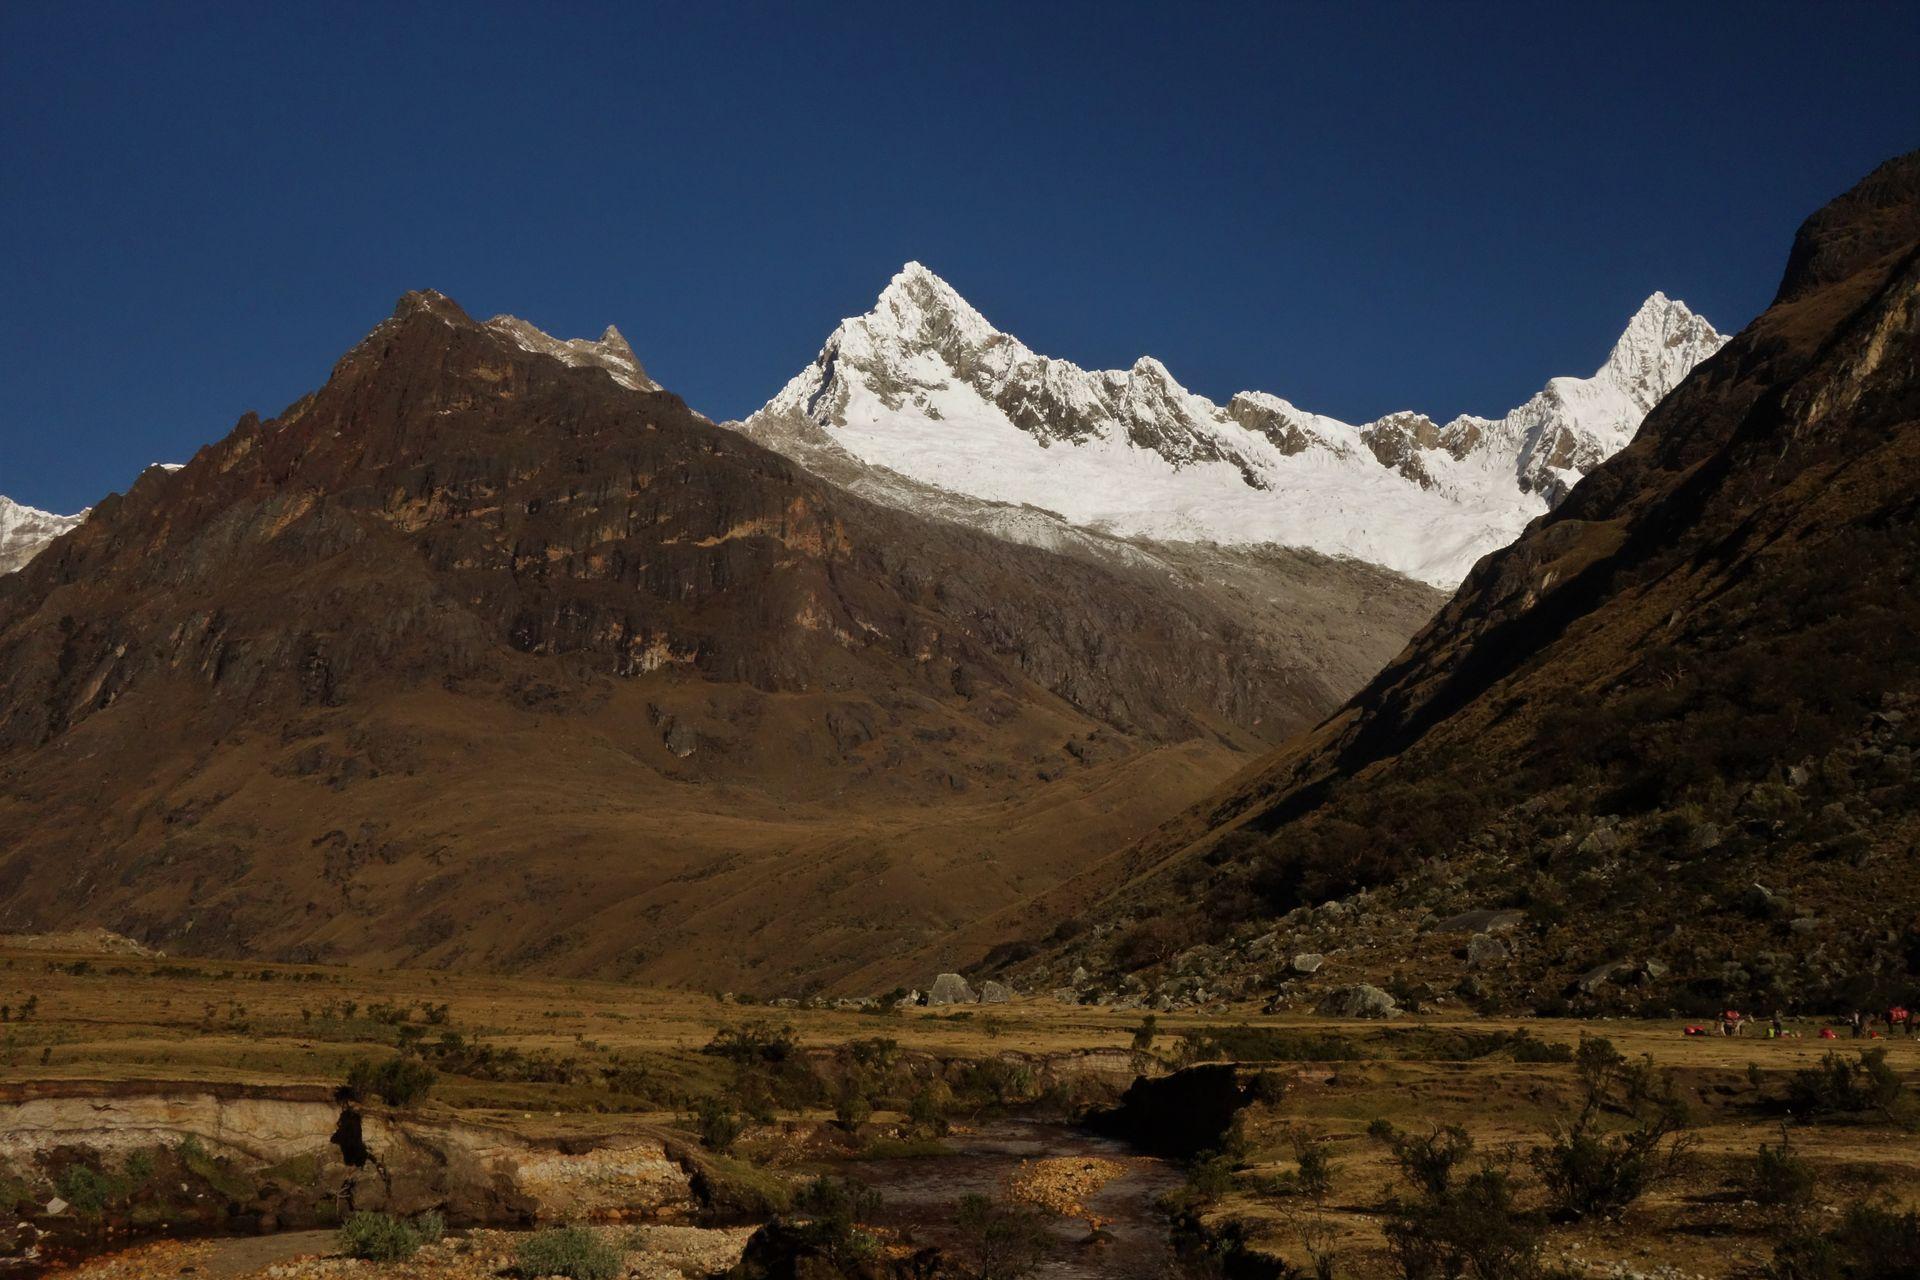 Alpamayo. Am Vormittag ging es rechts rein und rauf in die Schlucht zur Laguna Arhuaycocha auf 4420m. Am Nachmittag dann links entlang.